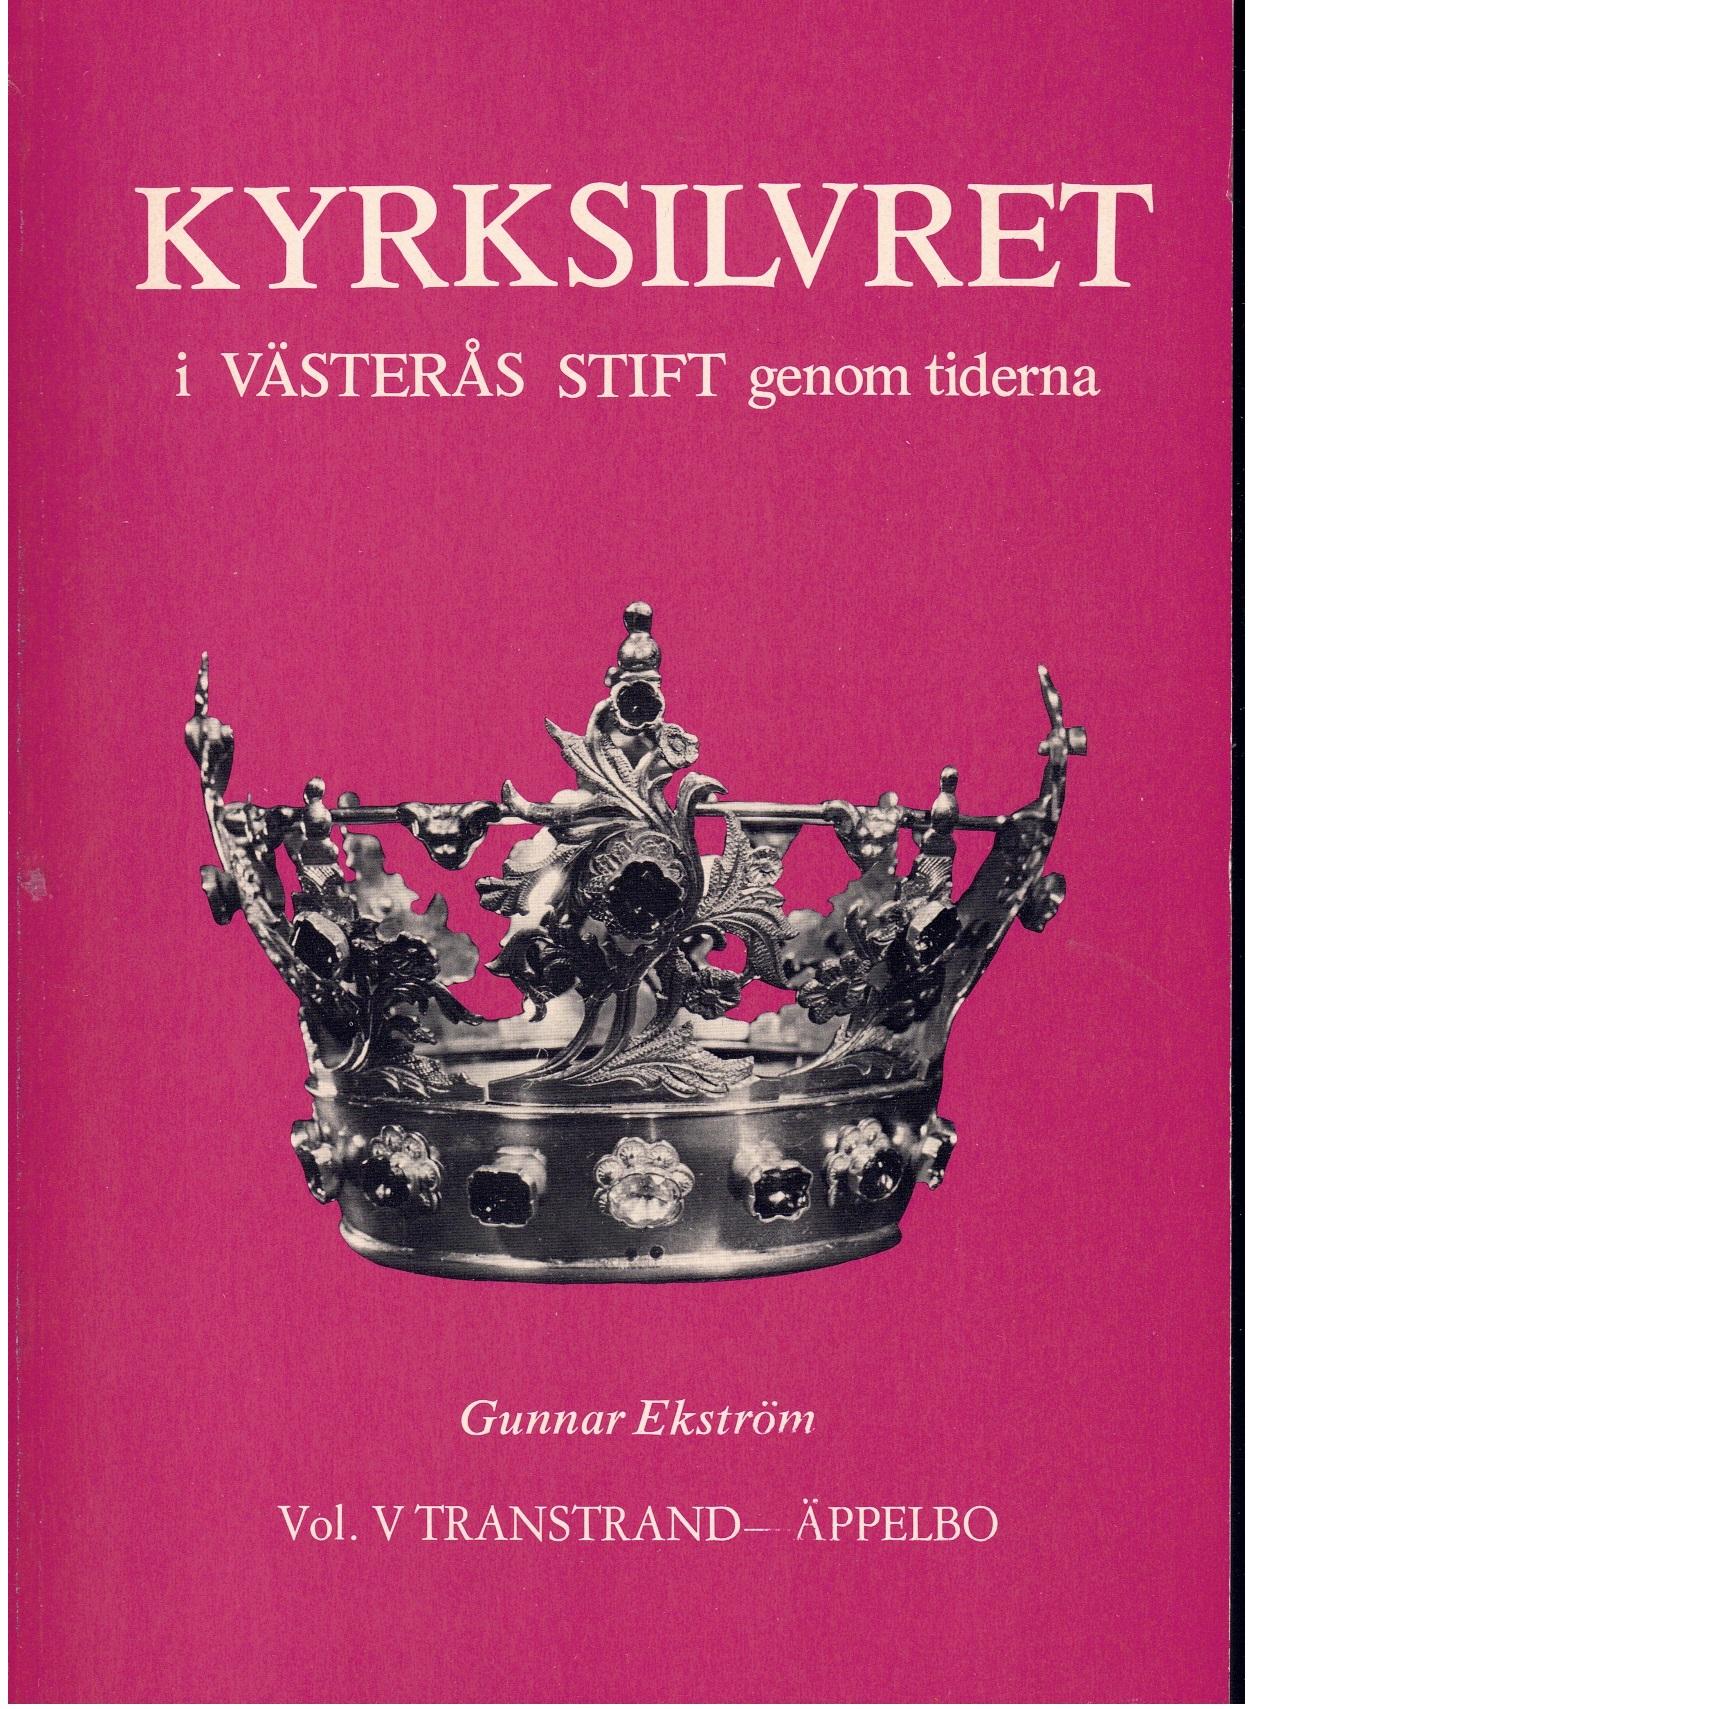 Kyrksilvret i Västerås stift genom tiderna Vol. 5 Transtrand - Äppelbo - Ekström, Gunnar